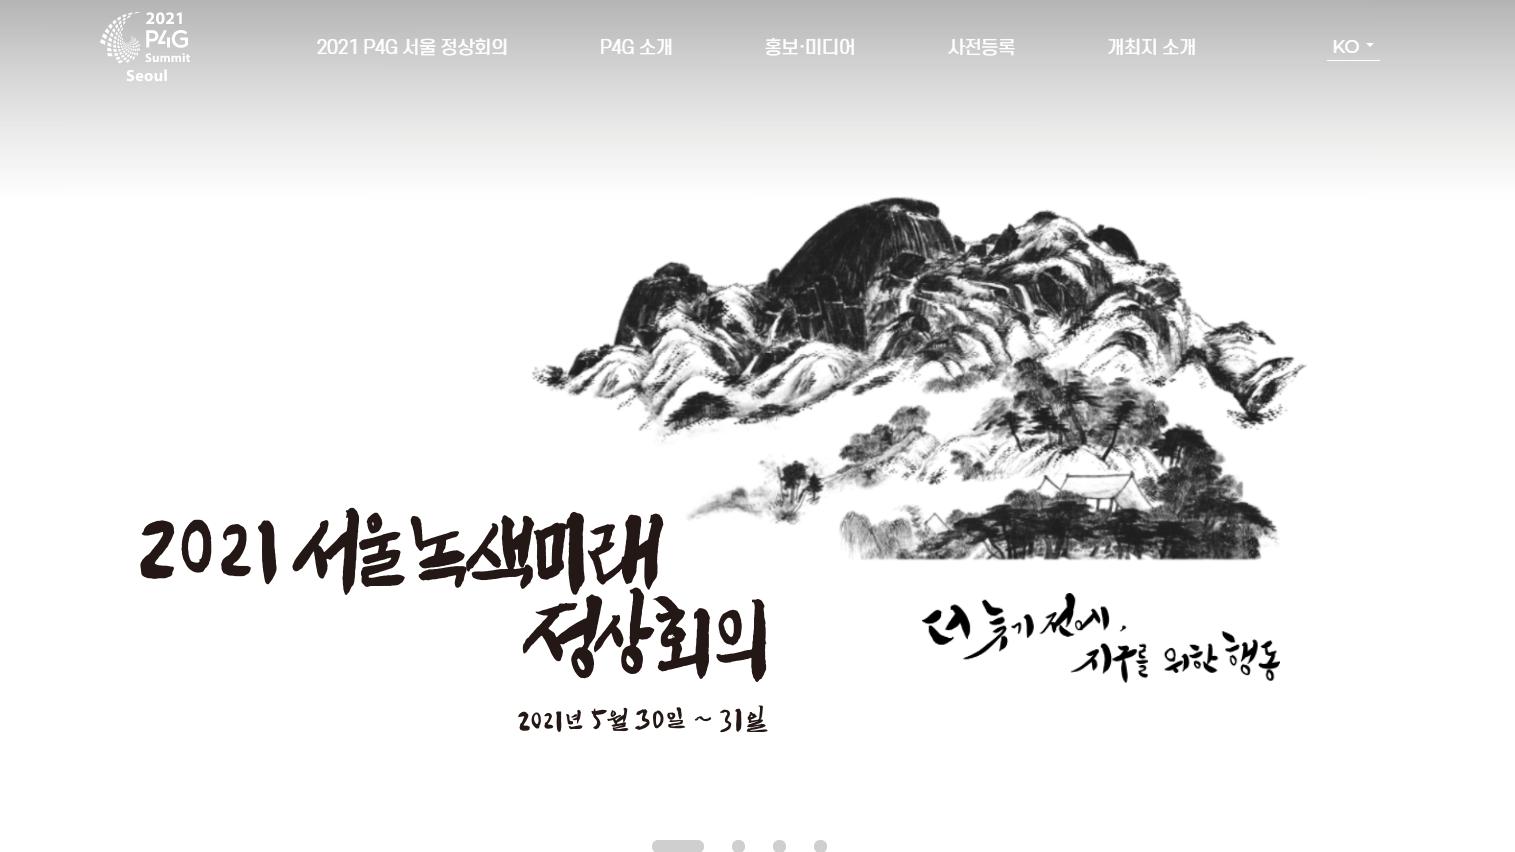 2021 P4G 서울 정상회의 테마곡 및 테마영상 공개